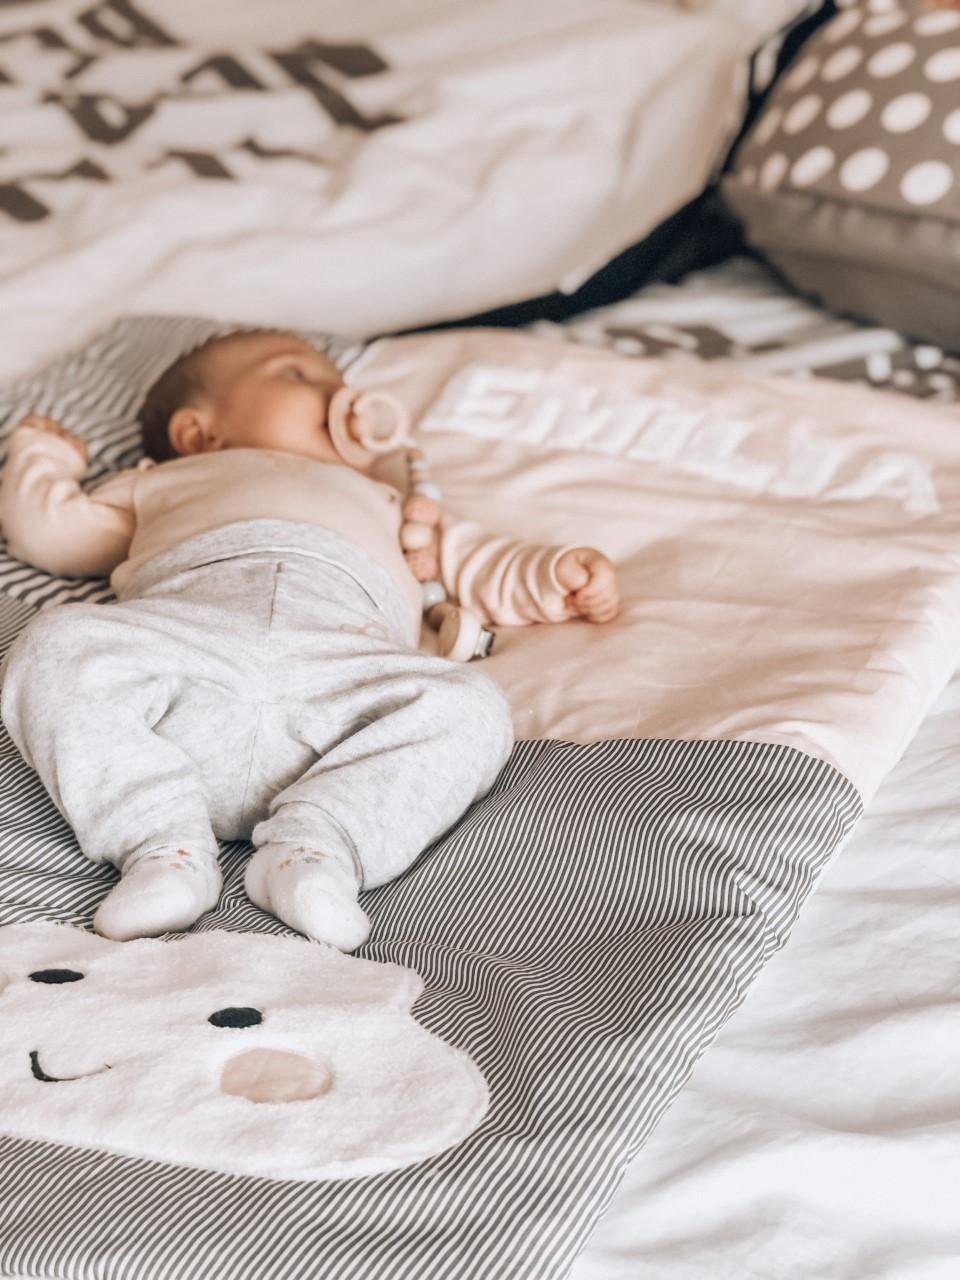 babydecke-kuscheldecke-babydecken-ztoff-geschenke-babyparty-geburt-taufgeschenke-taufe-geschenkideen-geschenk-personalisierte-babiez-krabbeldecke-mit-namen-40q39AlGeuFD84I